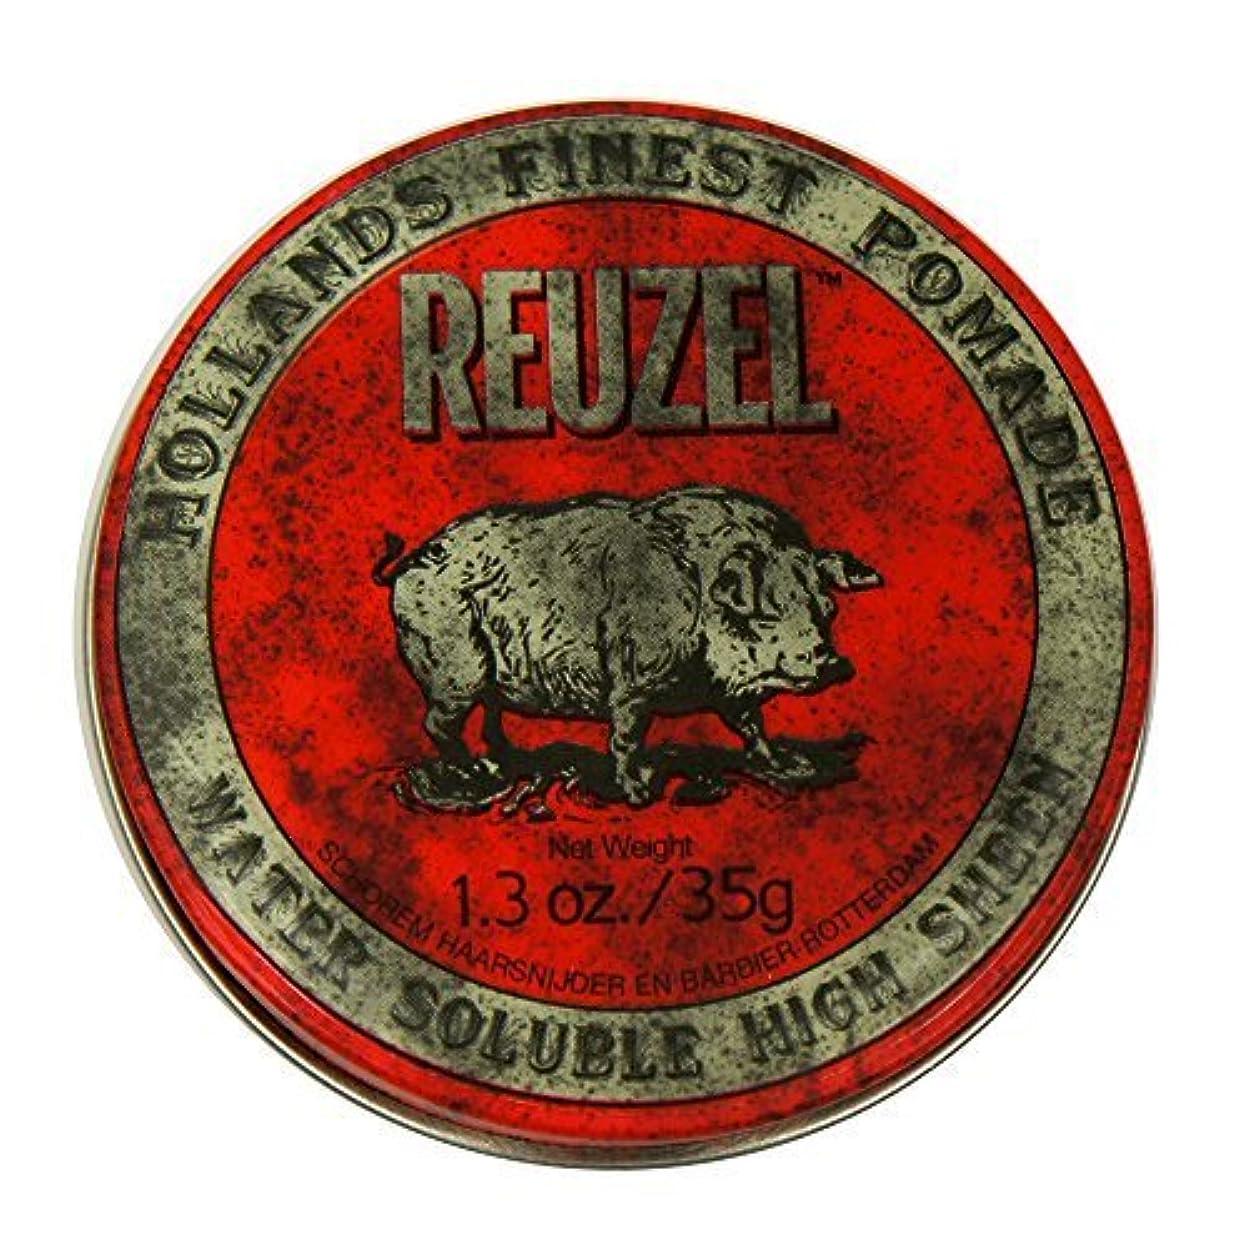 髄メタンだますReuzel Red Hair Pomade Piglet 1.3oz [並行輸入品]